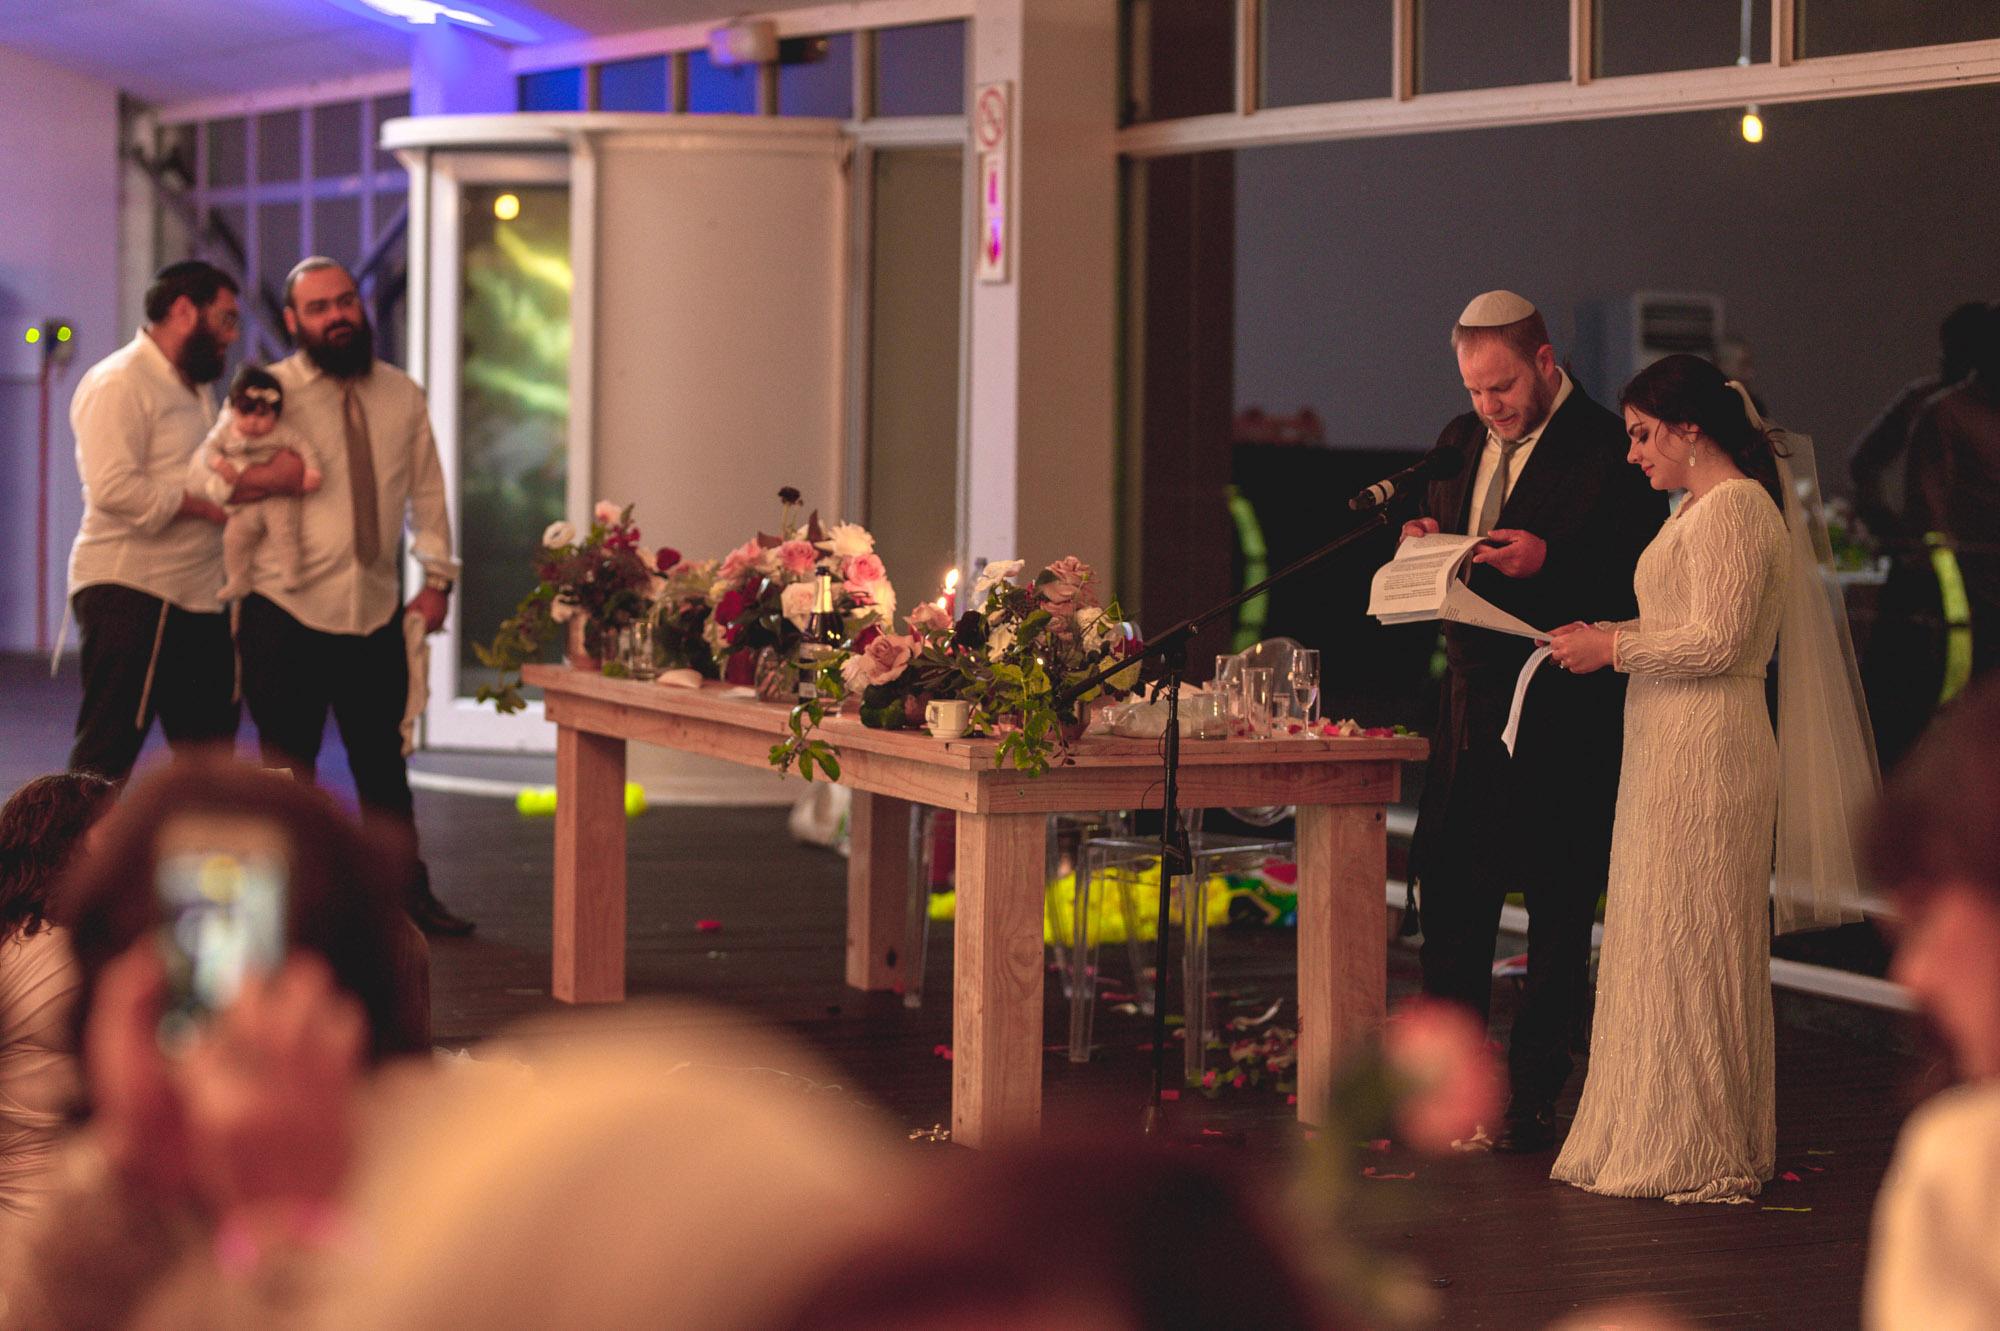 john-henry-wedding-photographer-aaron-devorah-the-lookout-116.JPG